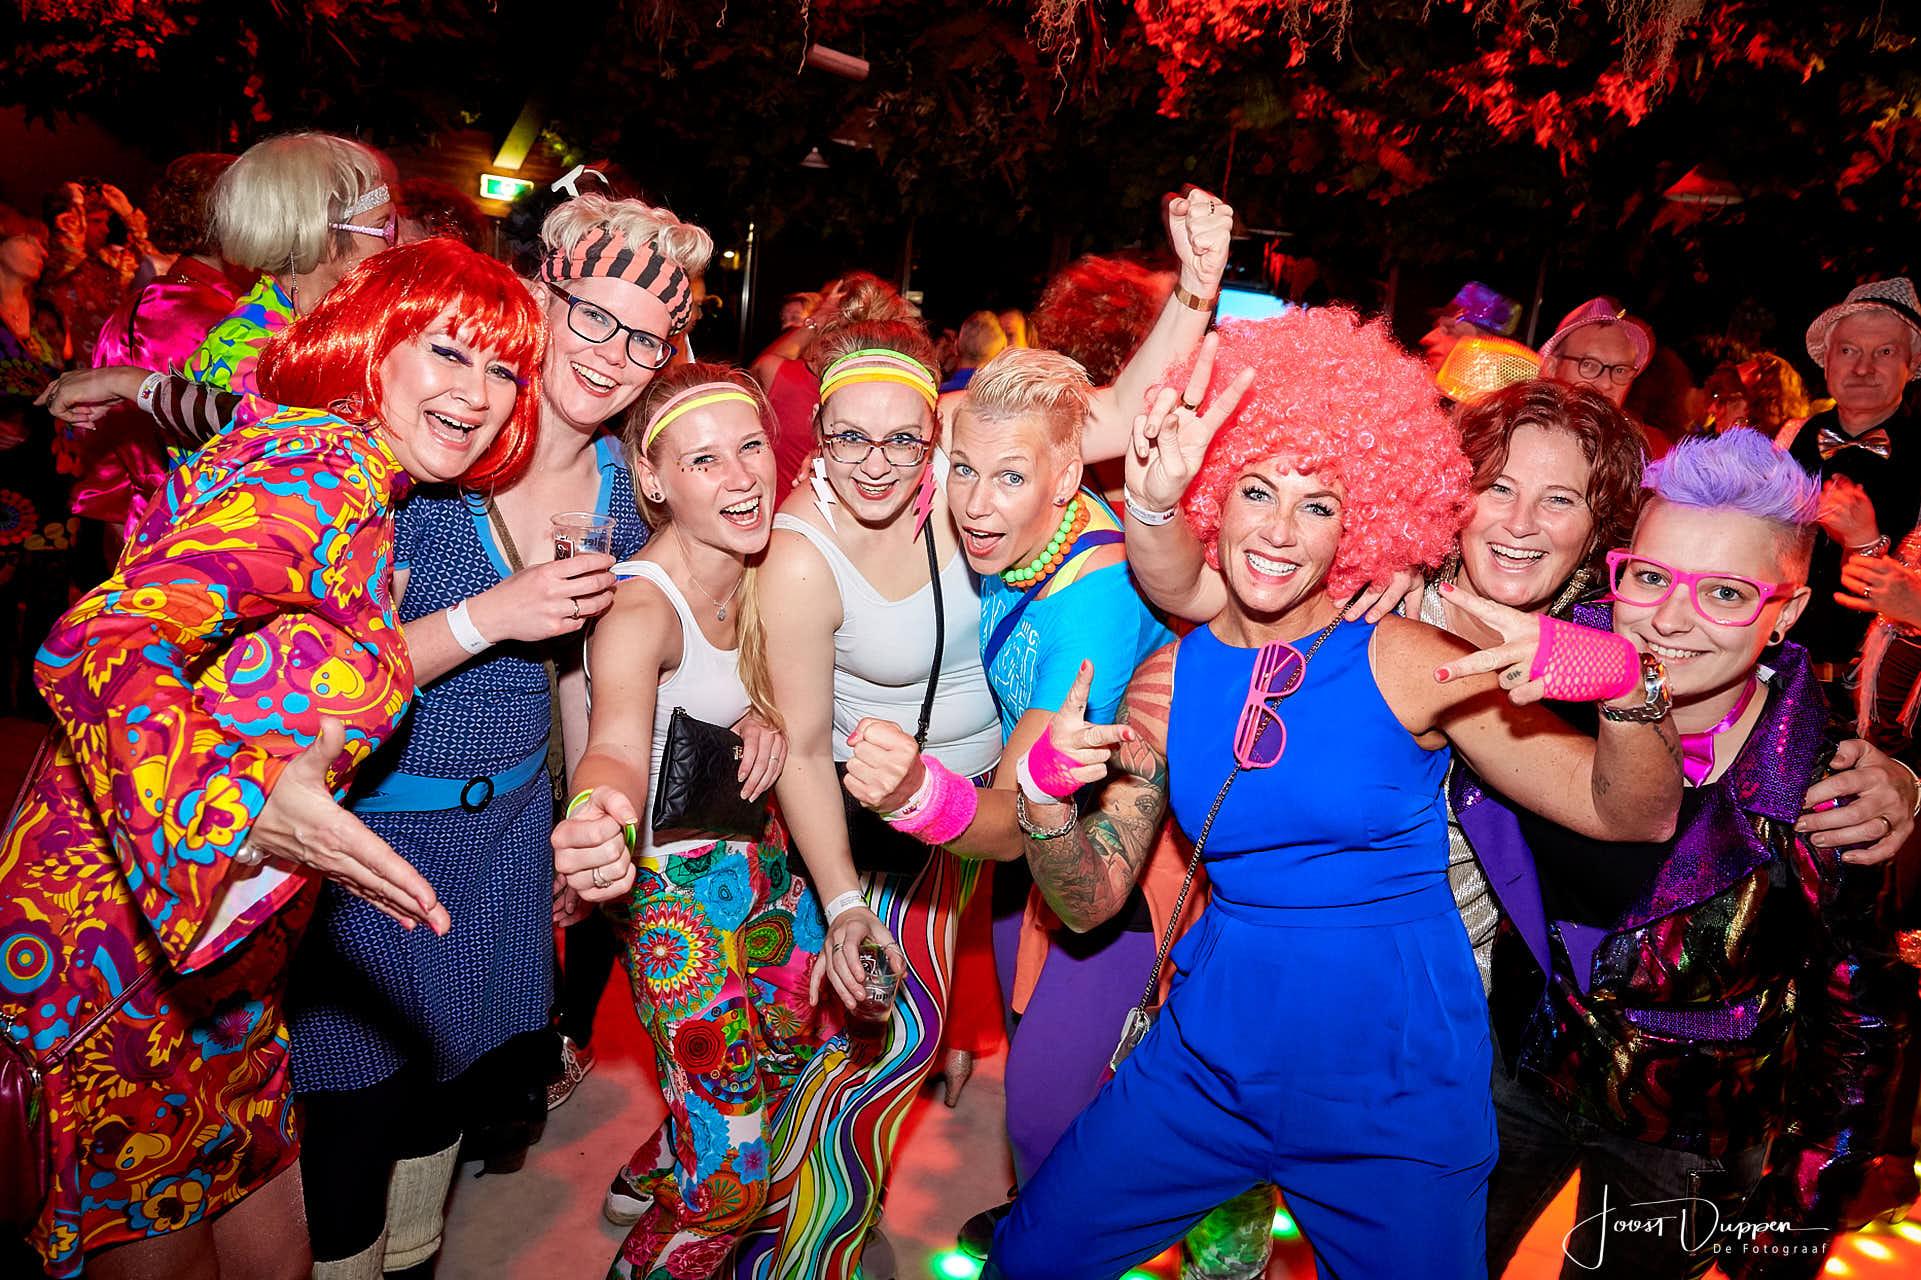 Beroepsfotografie Joost Duppen A Day In A Life Fotoreportage Carnaval